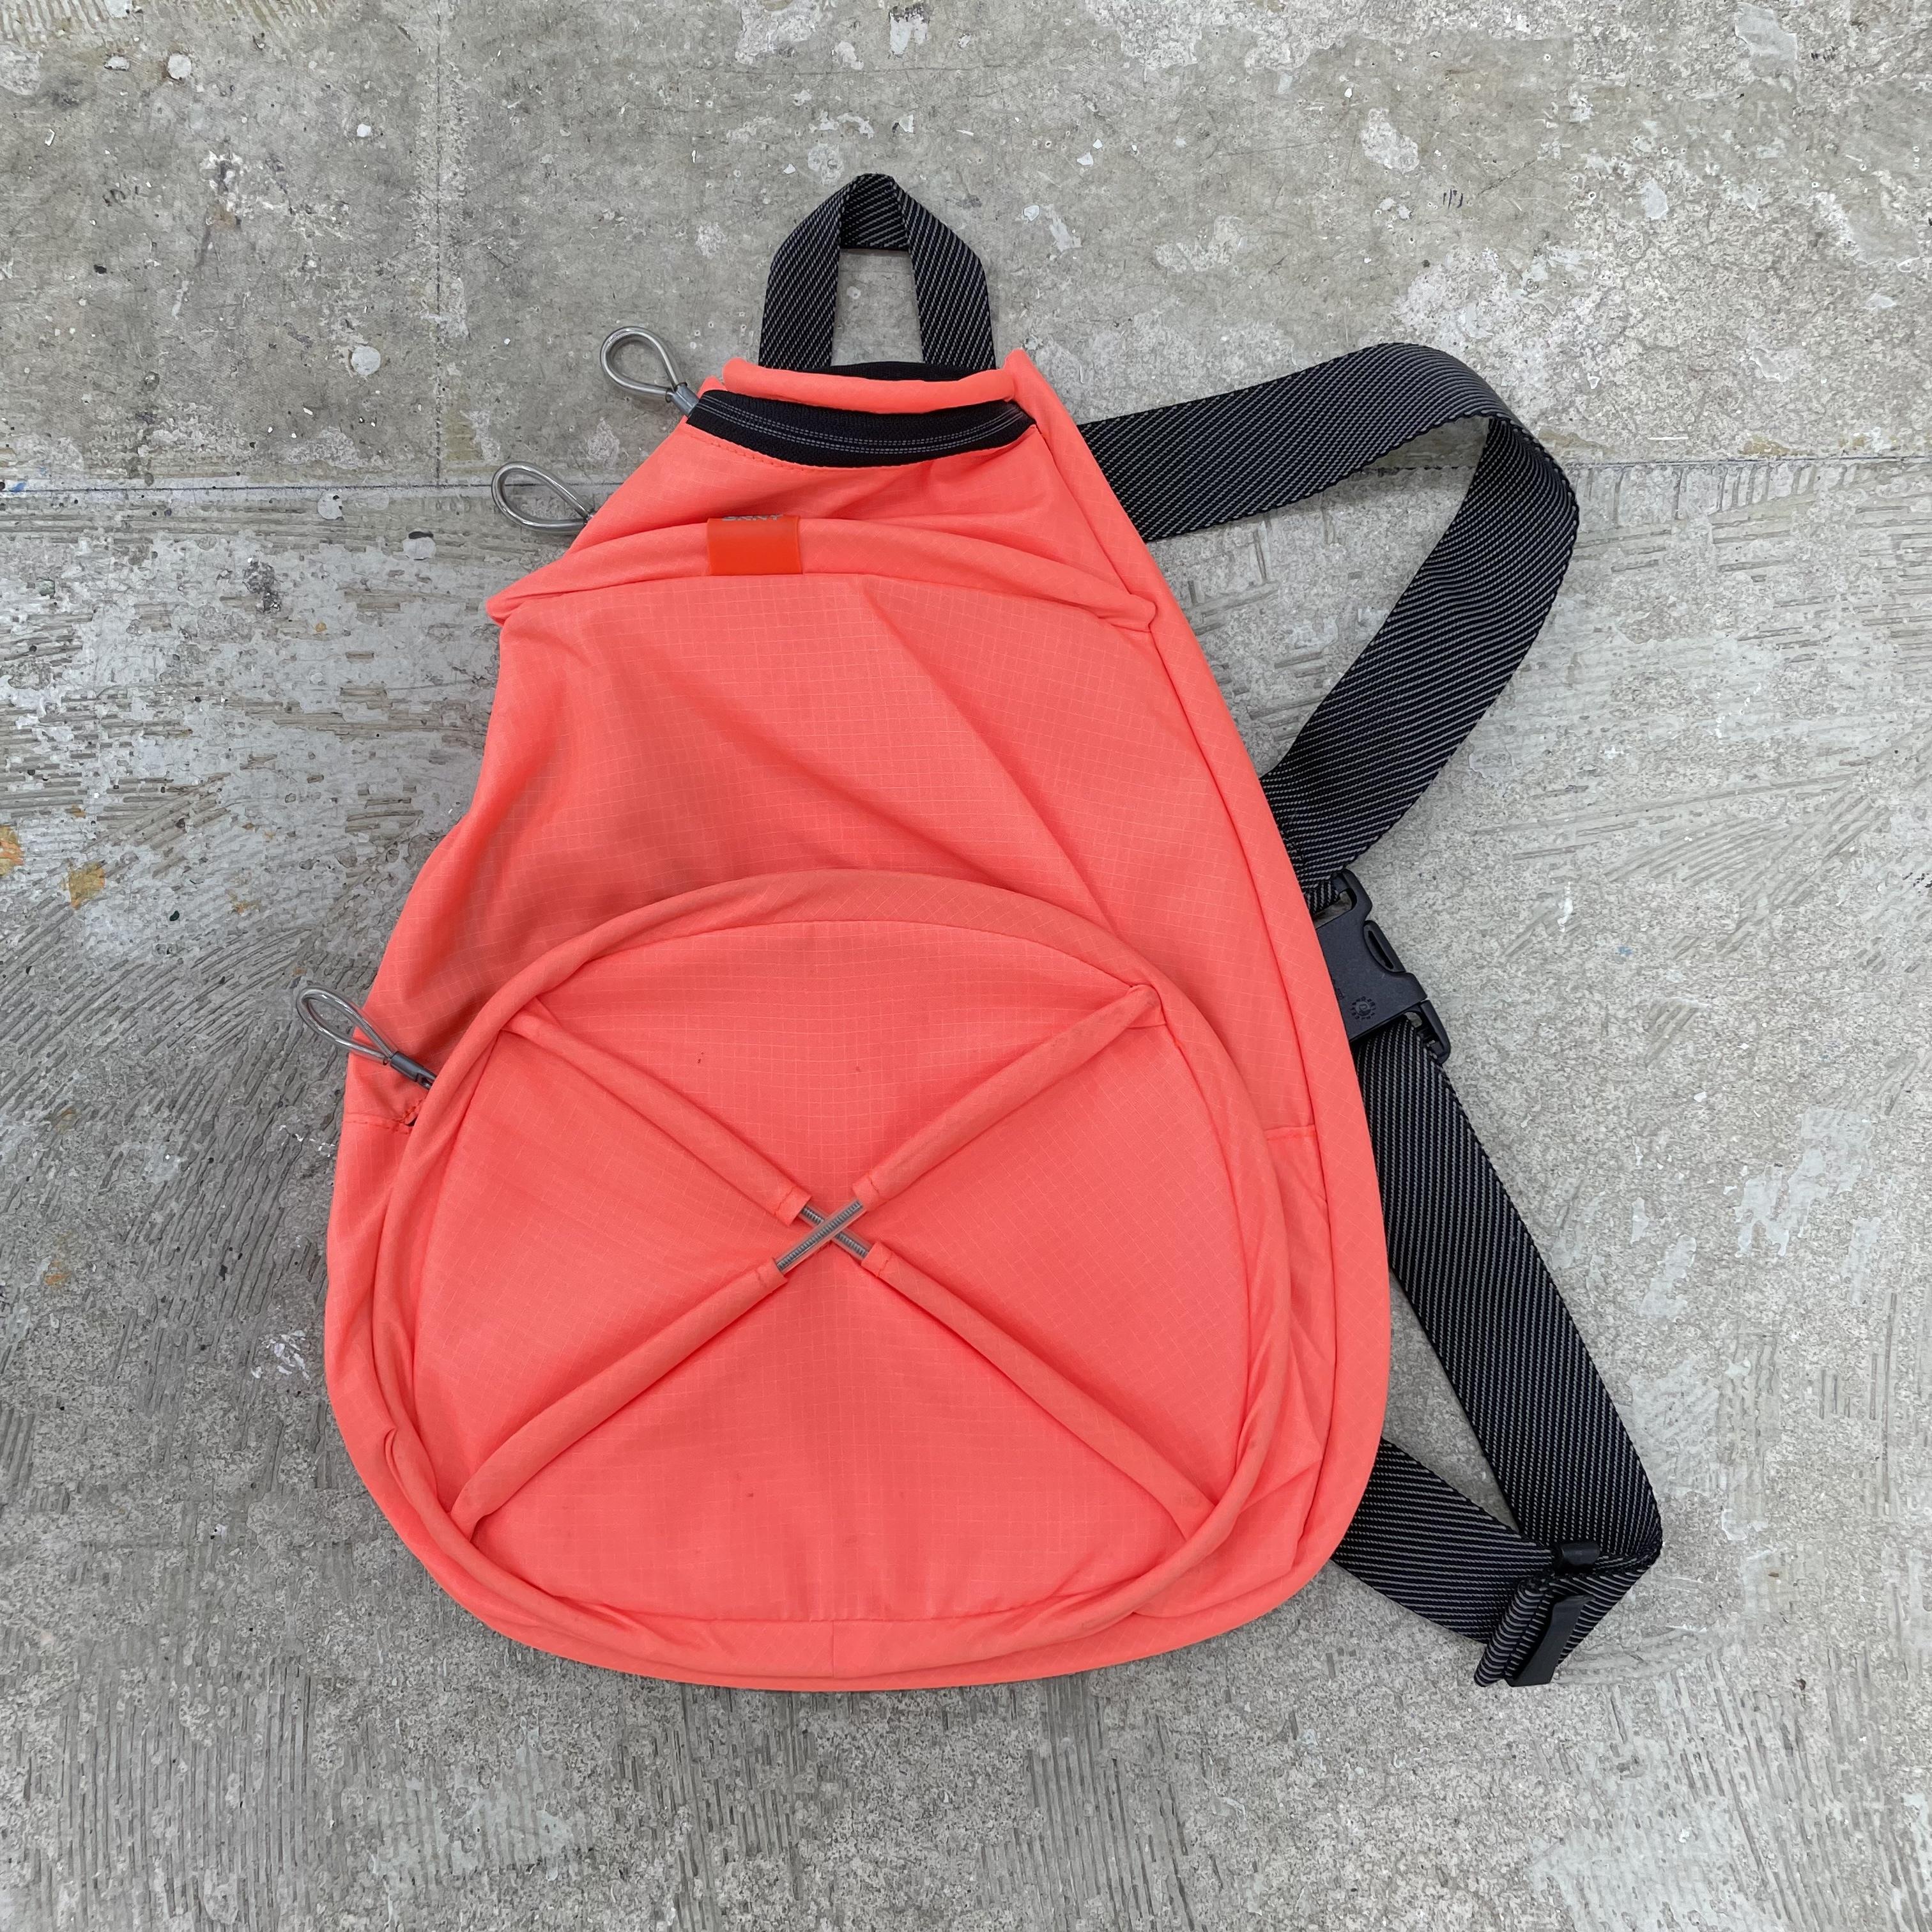 00's Dkny Nylon Cross Bag